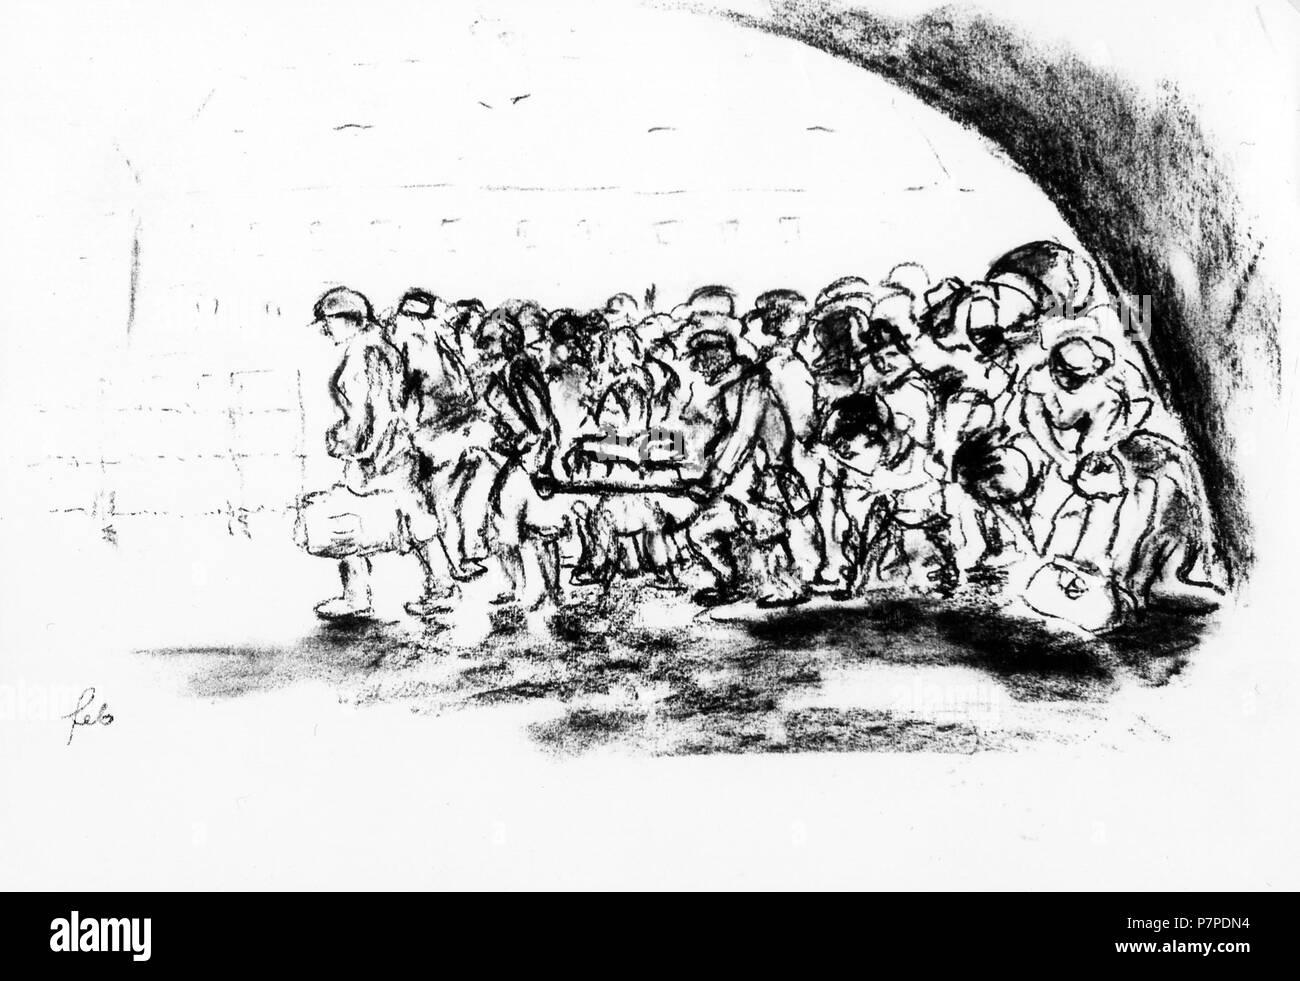 Gouache pittura dal ghetto di Theresienstadt . tra il 1942 e il 1944 11 un trasporto arriva nel (Terezin Theresienstadt ghetto) Immagini Stock